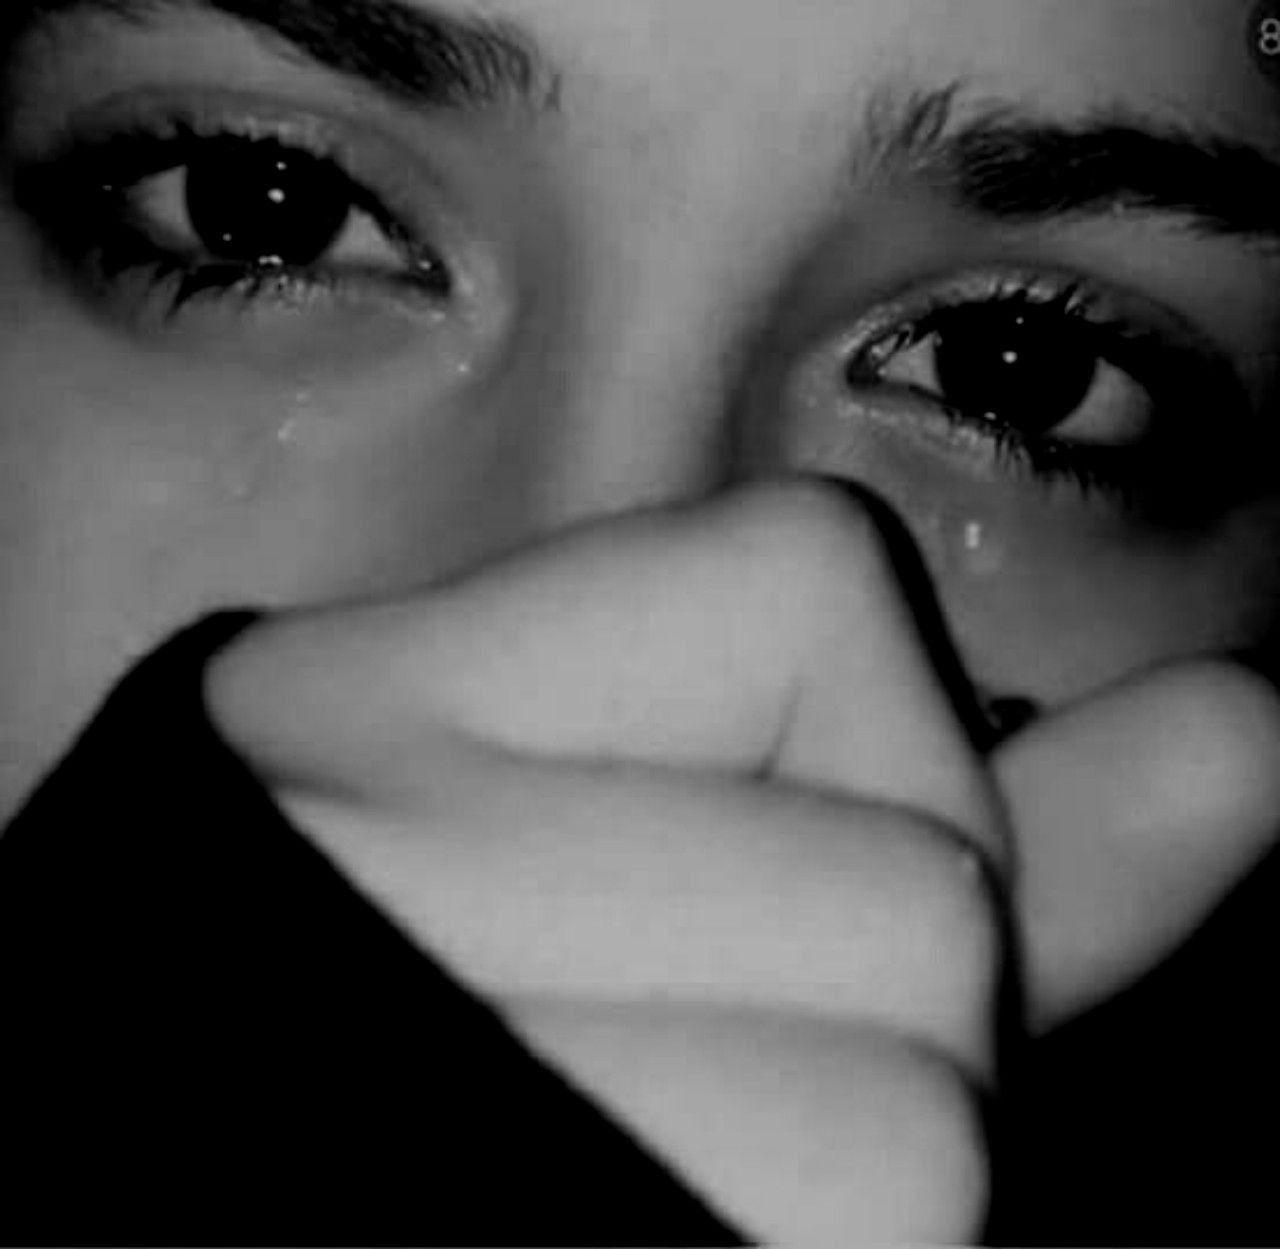 Pin de Valentina Mella en Ну.. Чтобы видели en 2020 | Ojos llorando, Fotos  llorando, Ojos llorando dibujo